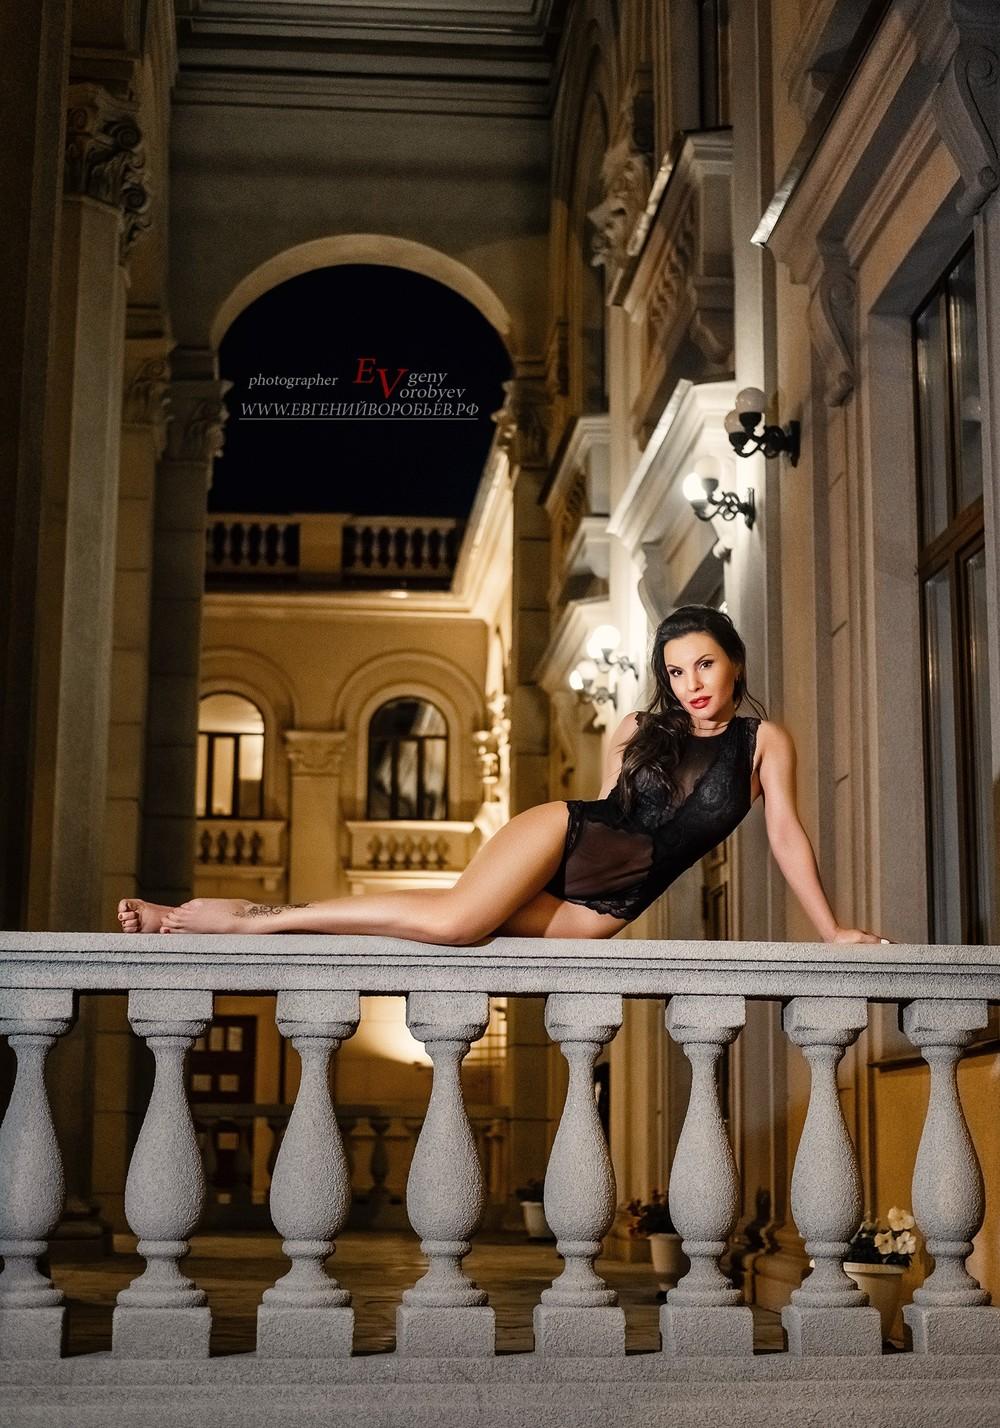 девушка сексуальная эротическая фотосессия фотограф Красноярск